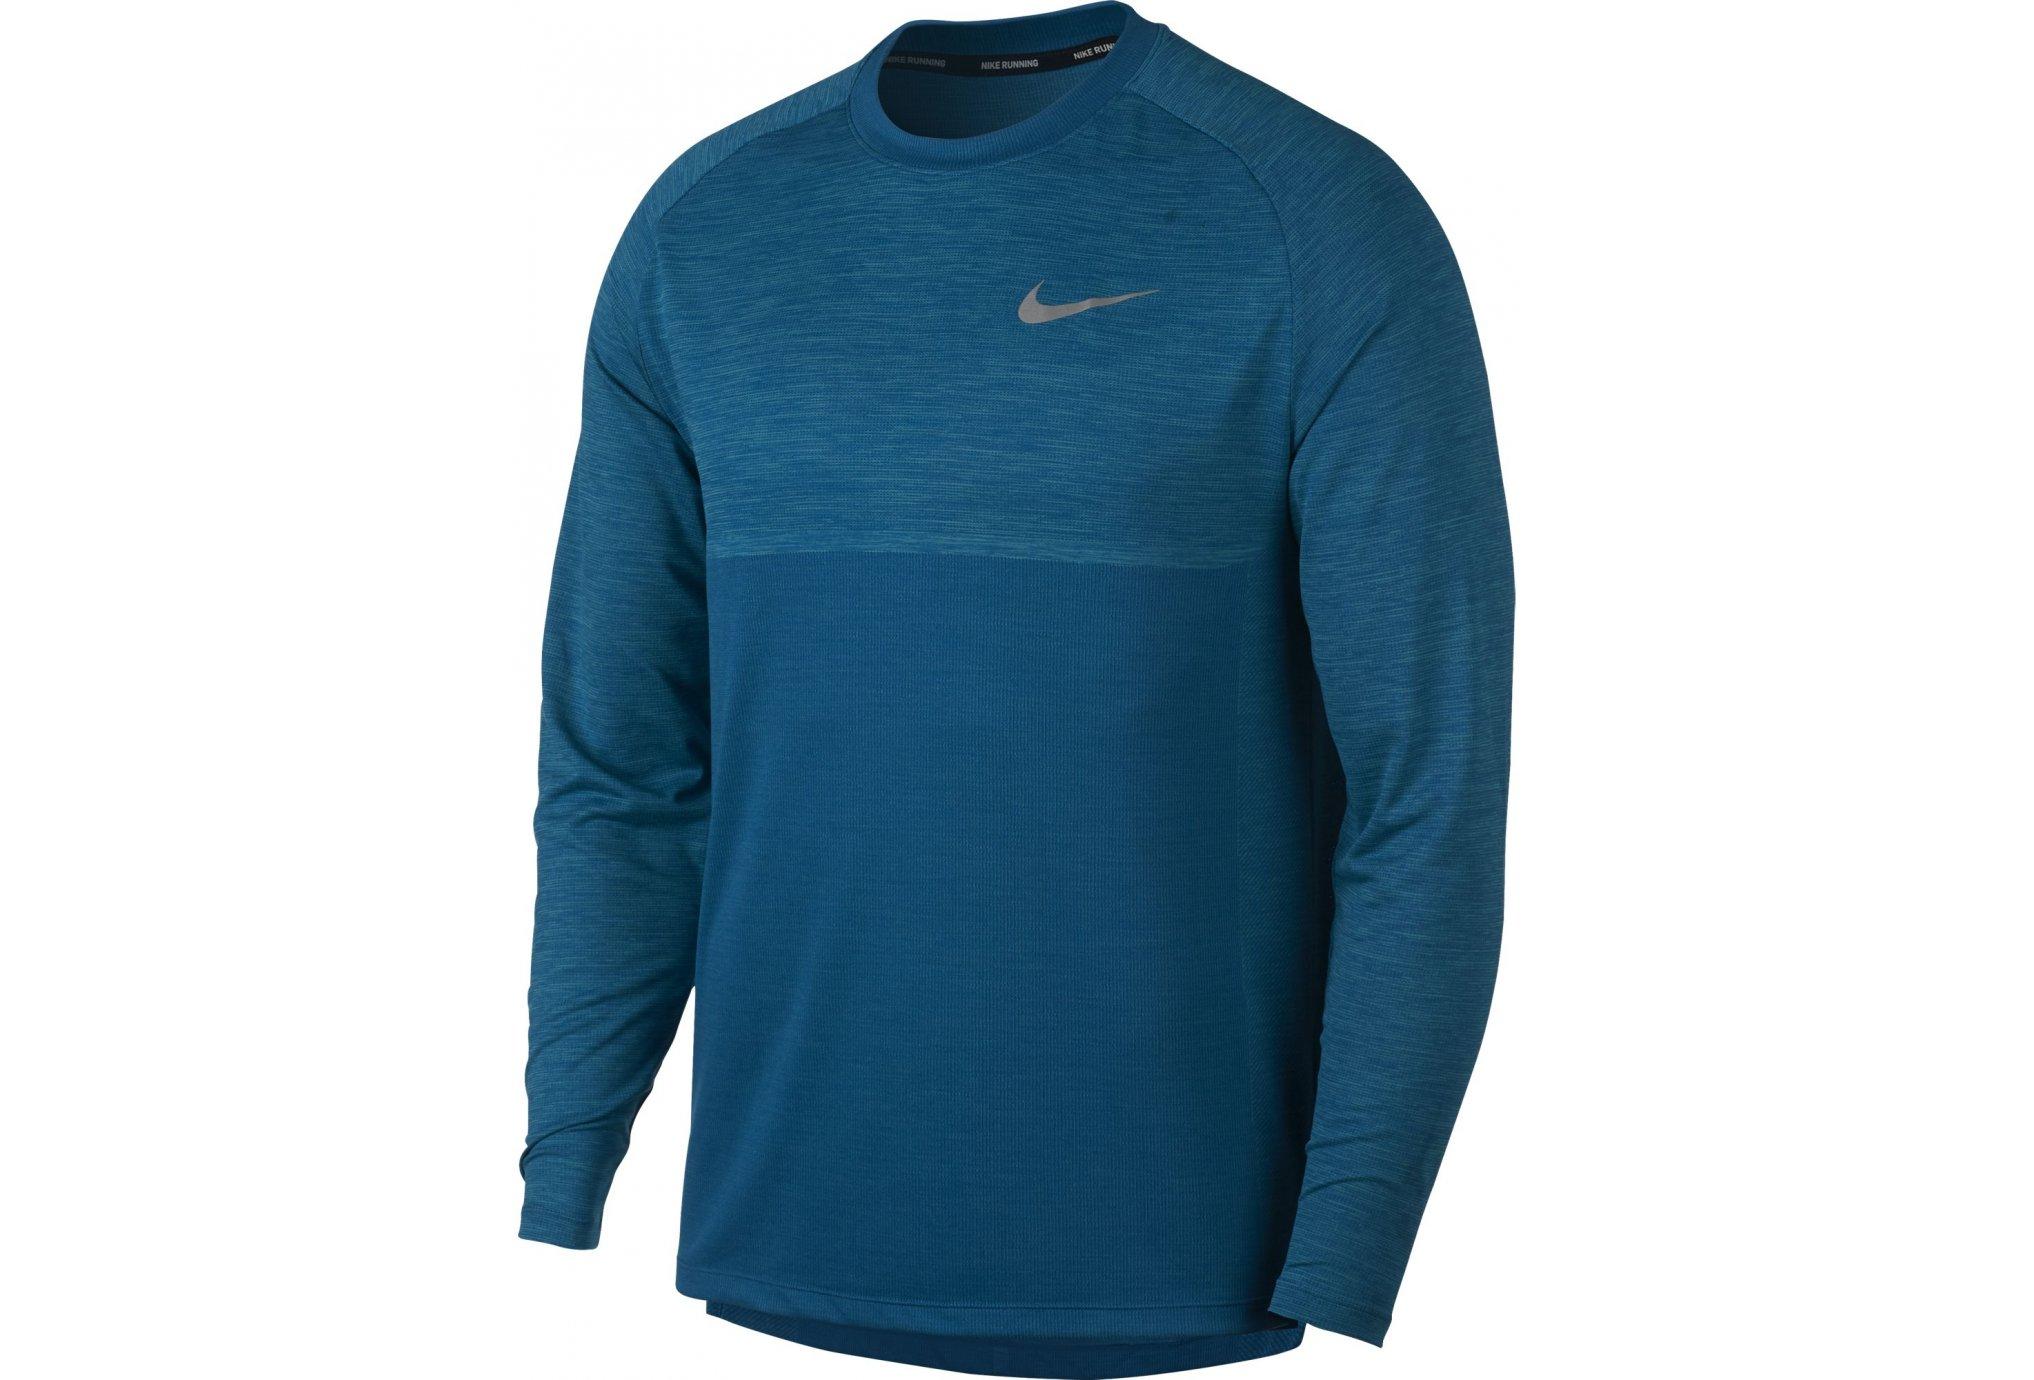 Nike Medalist M vêtement running homme